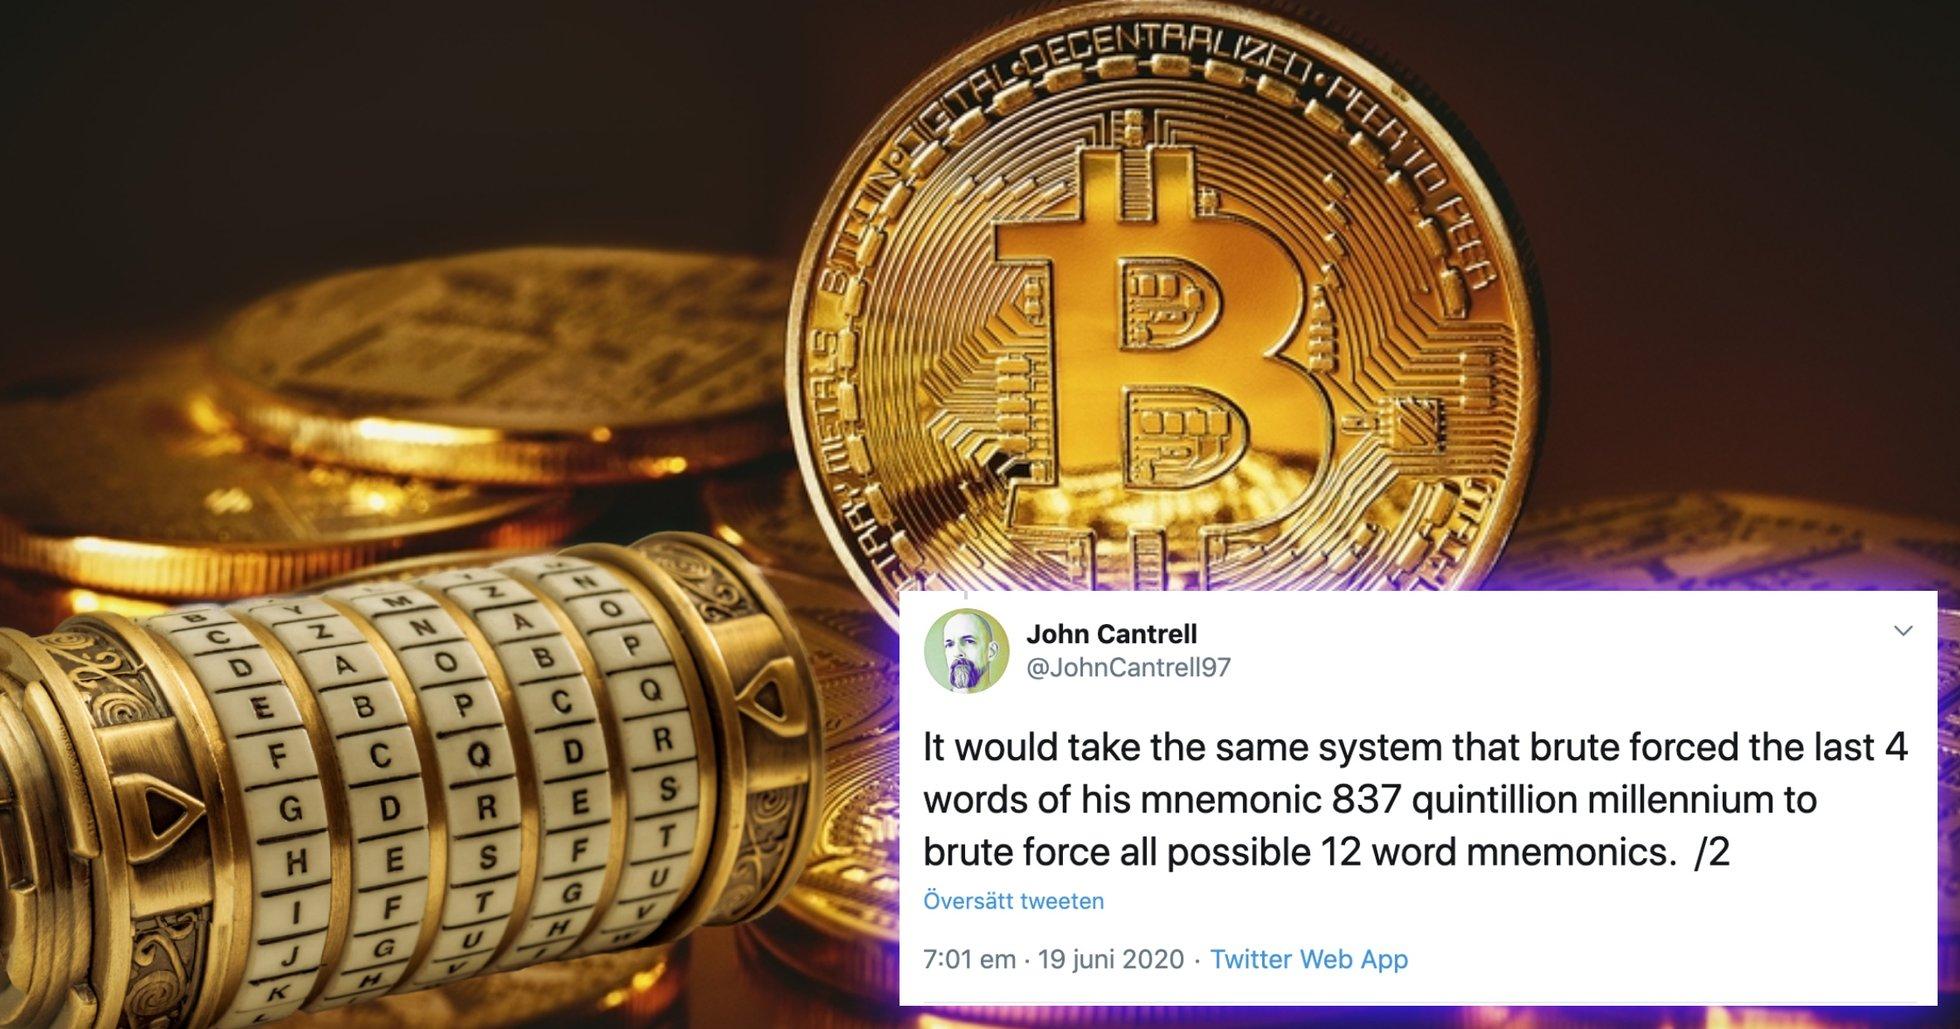 Utvecklare som lyckades hacka bitcoinadress: Därför är kryptovalutan fortfarande säker